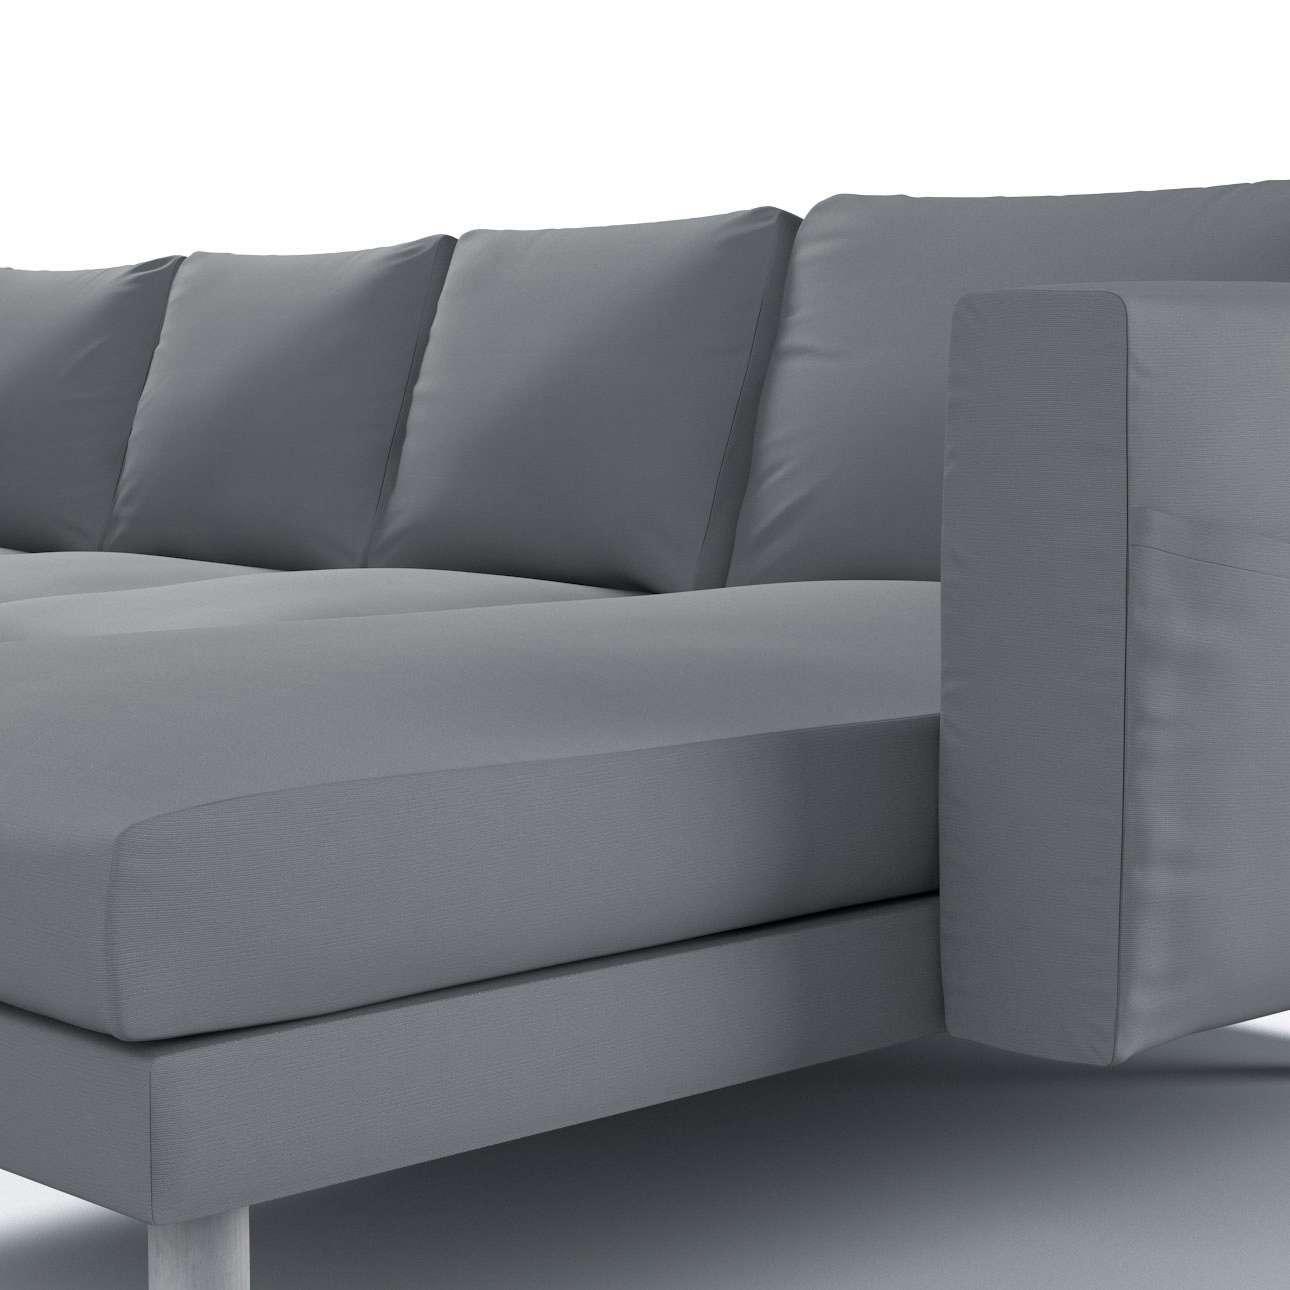 Pokrowiec na sofę Norsborg 4-osobową z szezlongiem w kolekcji Cotton Panama, tkanina: 702-07